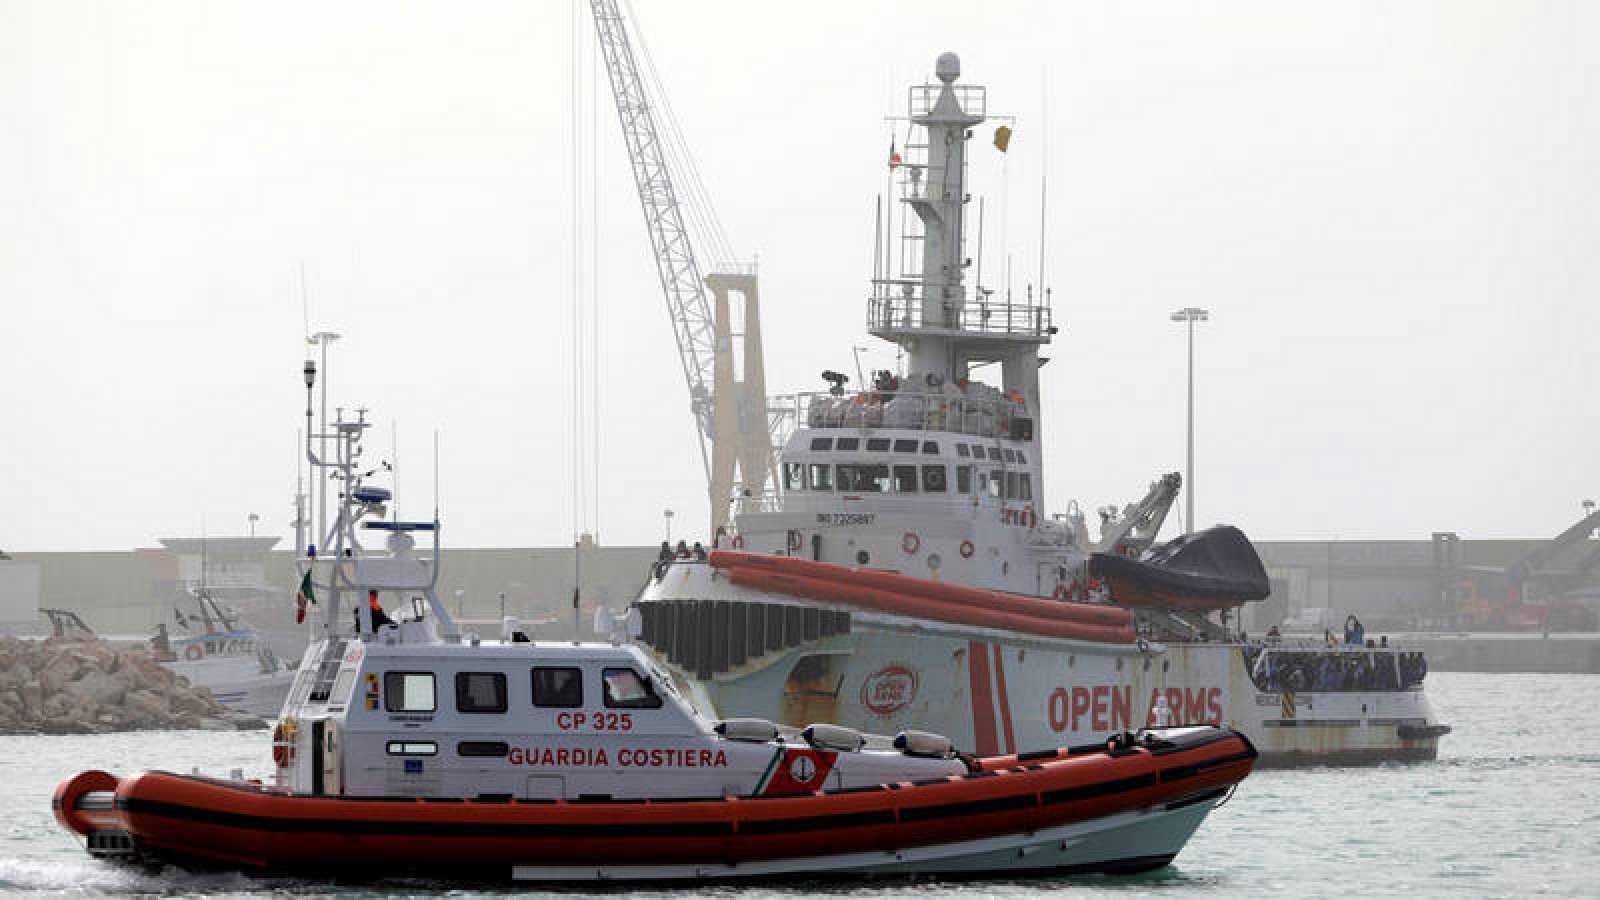 Italia inmoviliza el barco de la ONG española Open Arms y acusa a la organización de promover la inmigración ilegal